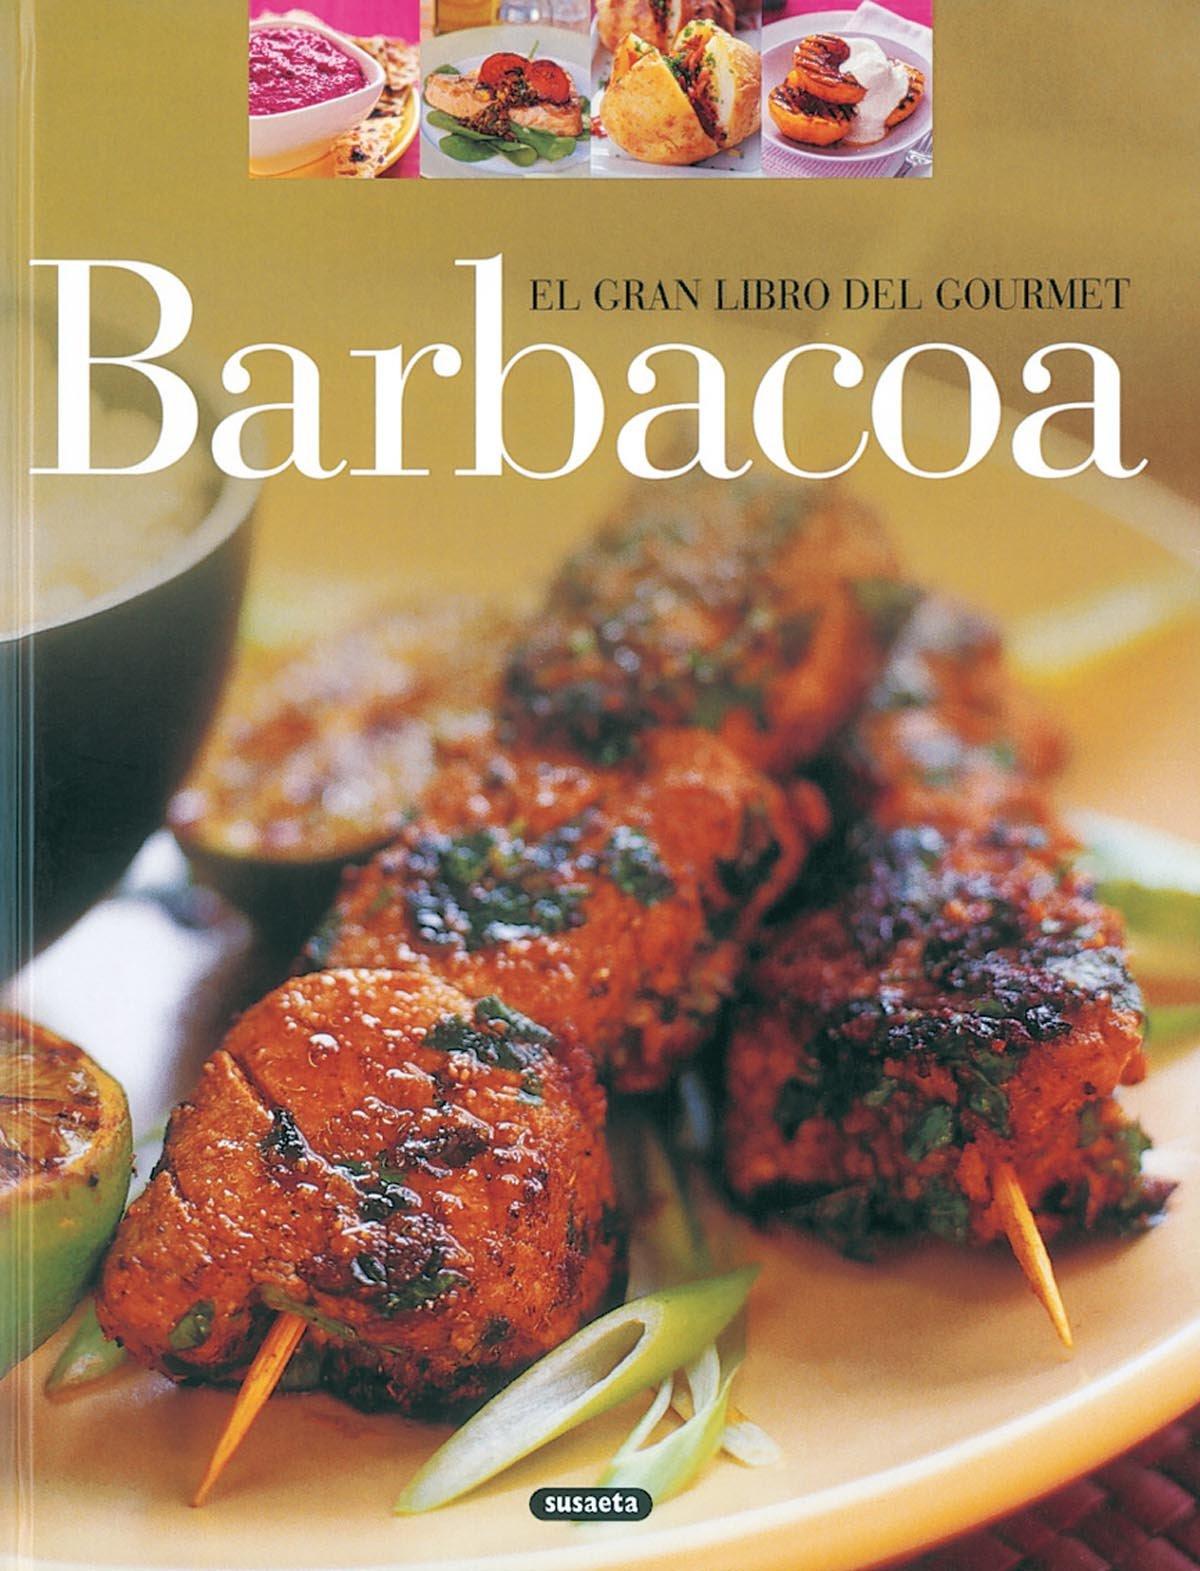 barbacoa-el-gran-libro-del-gourmet barbacoafriends